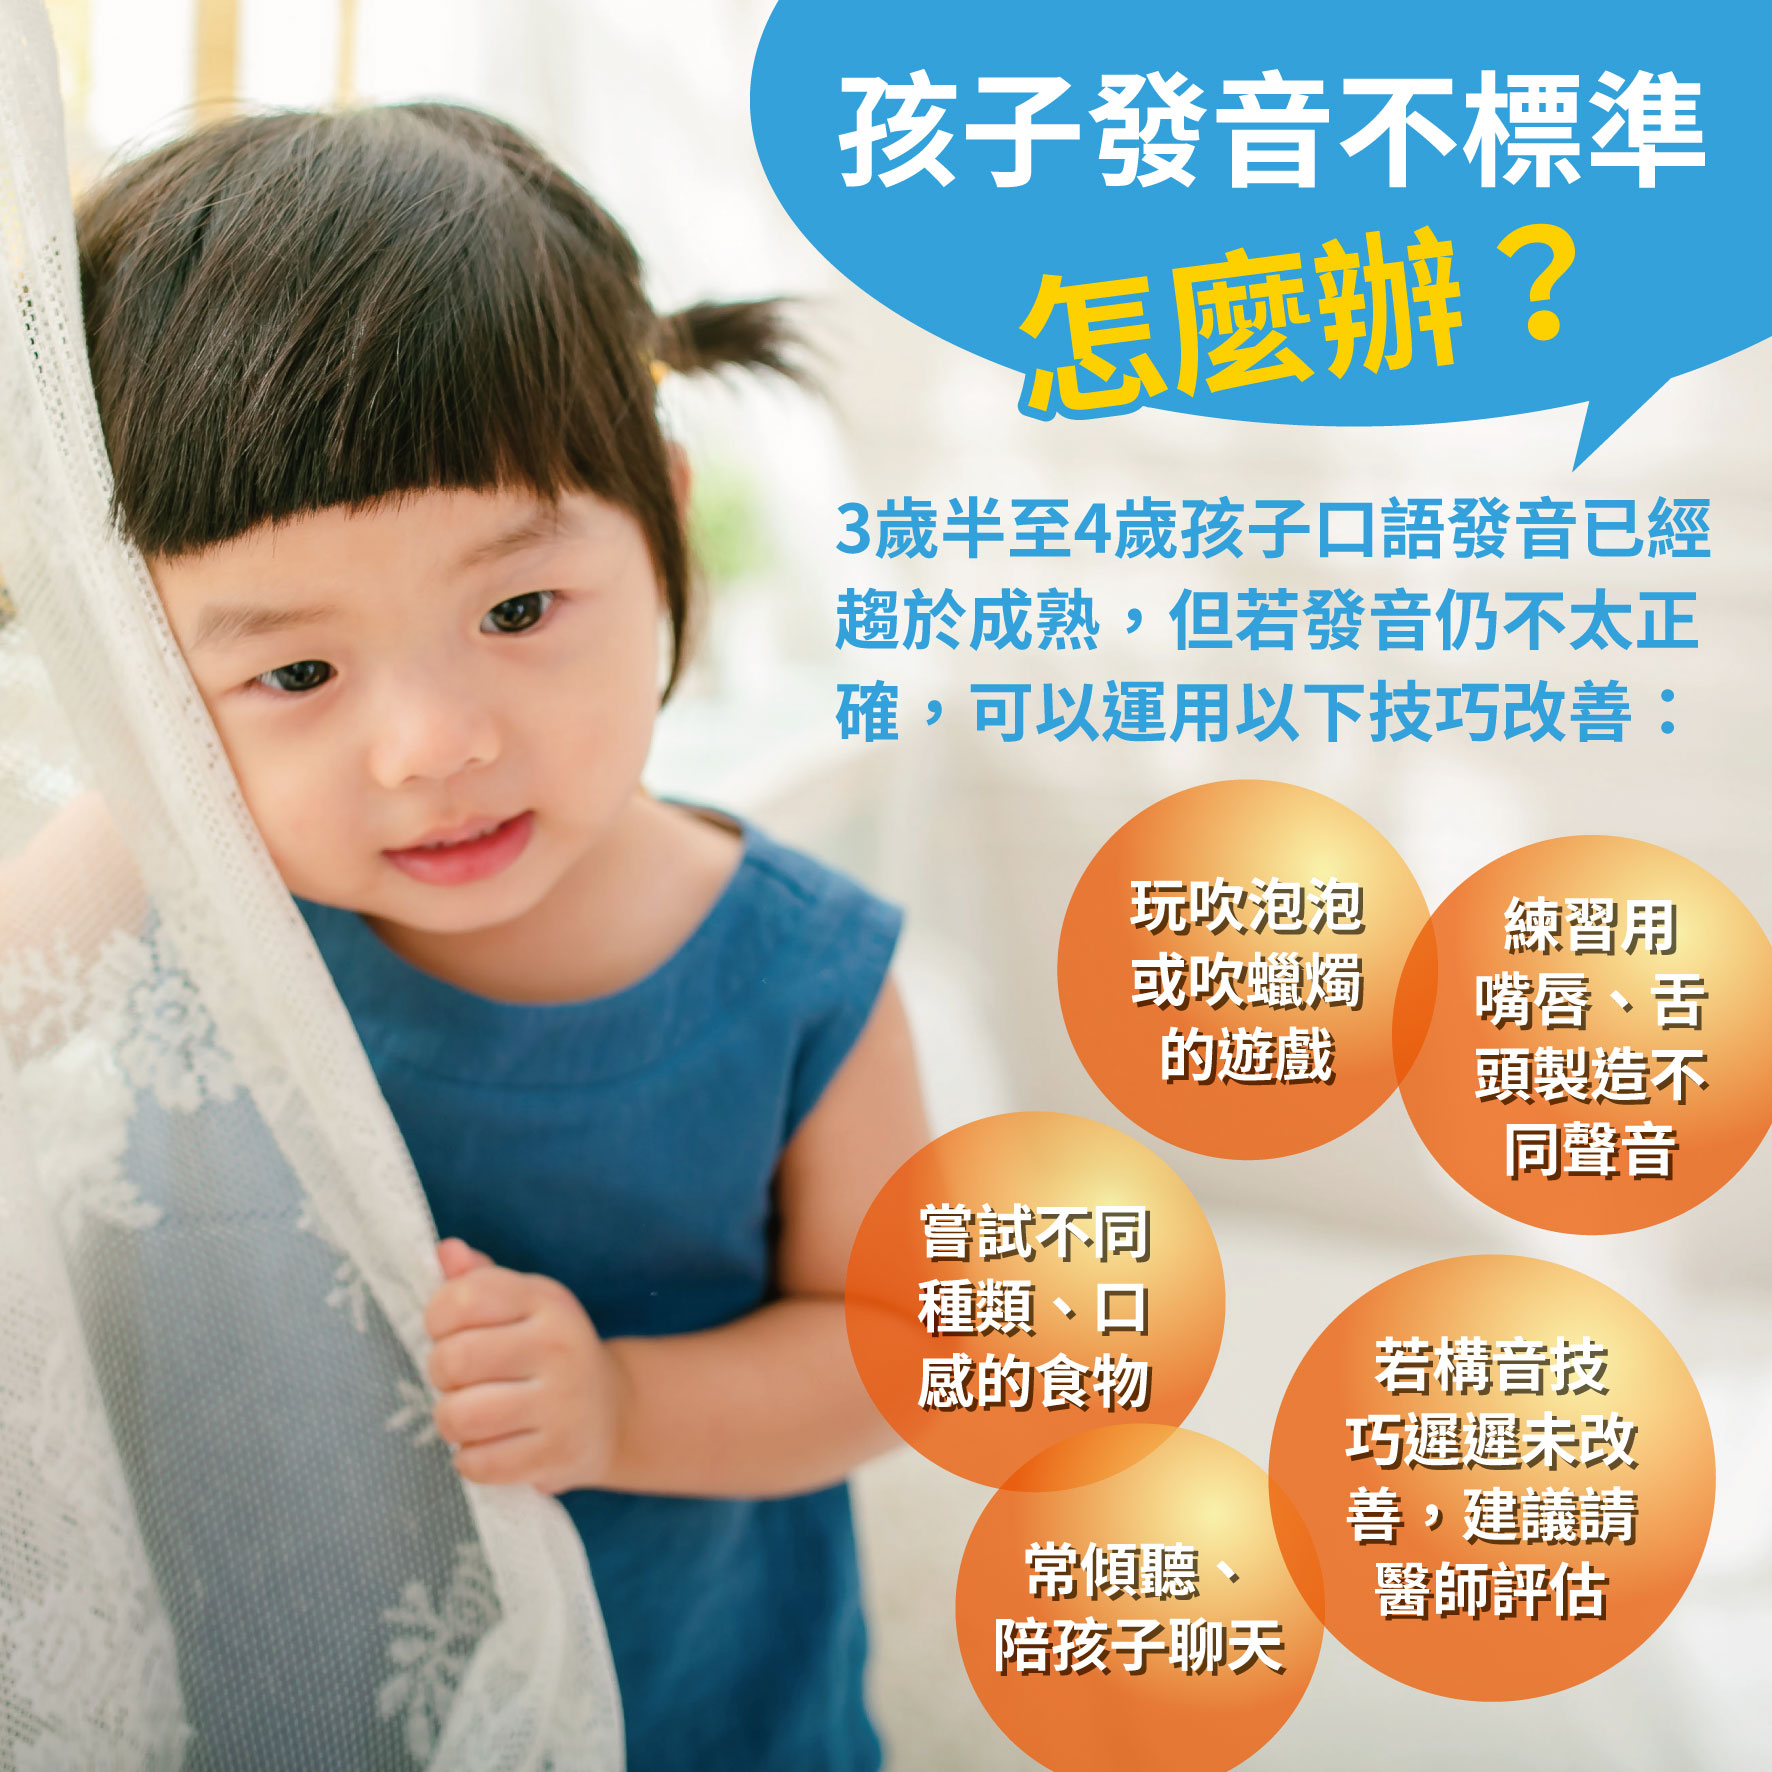 幼兒3歲 (第46週)孩子發音不標準怎麼辦?